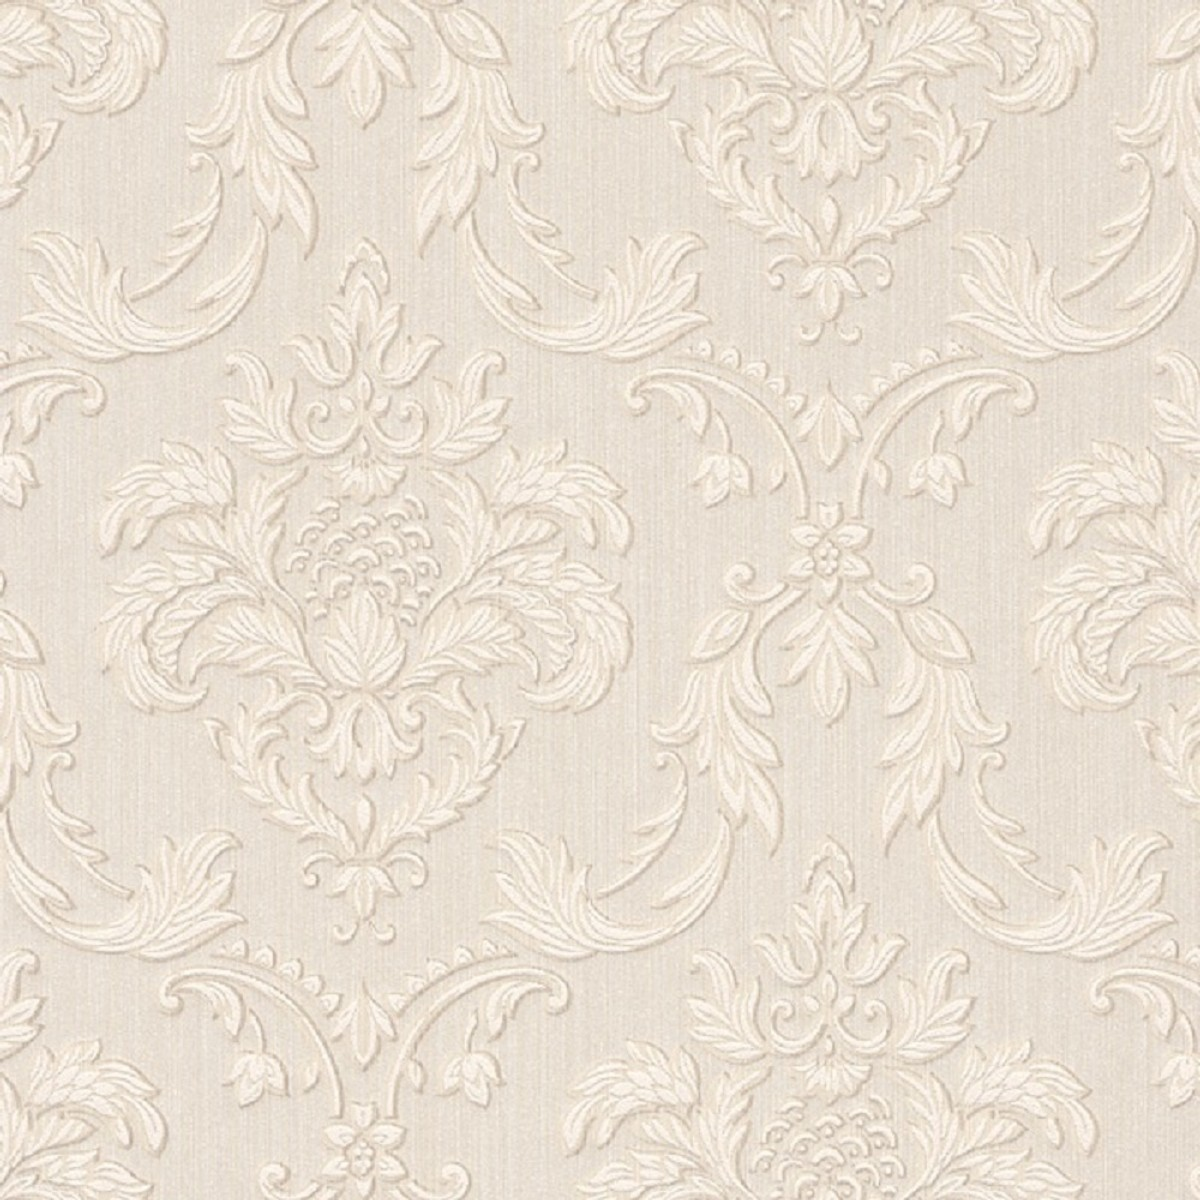 Full Size of Wohnzimmer Tapeten Casa Padrino Barock Textiltapete Creme Beige Wei 10 Sessel Beleuchtung Teppiche Landhausstil Liege Deckenlampen Modern Stehlampe Heizkörper Wohnzimmer Wohnzimmer Tapeten